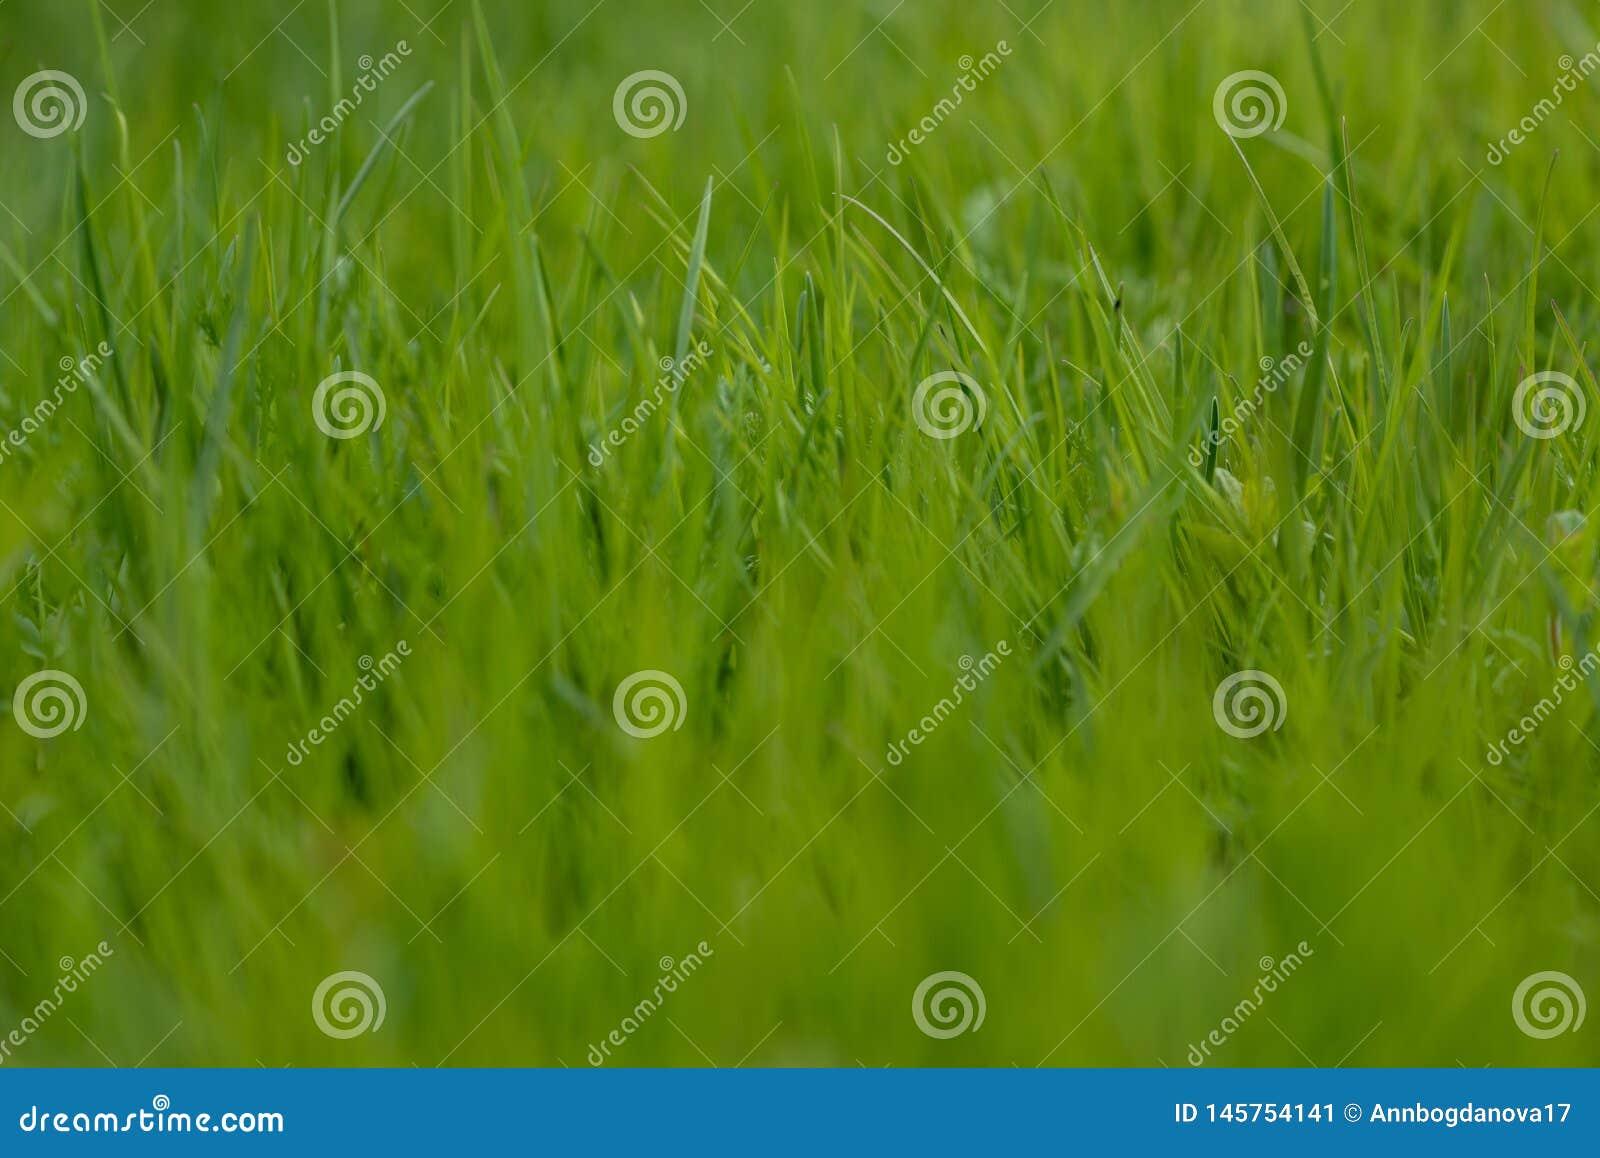 Groen gras het gras beweegt van de wind Vage achtergrond